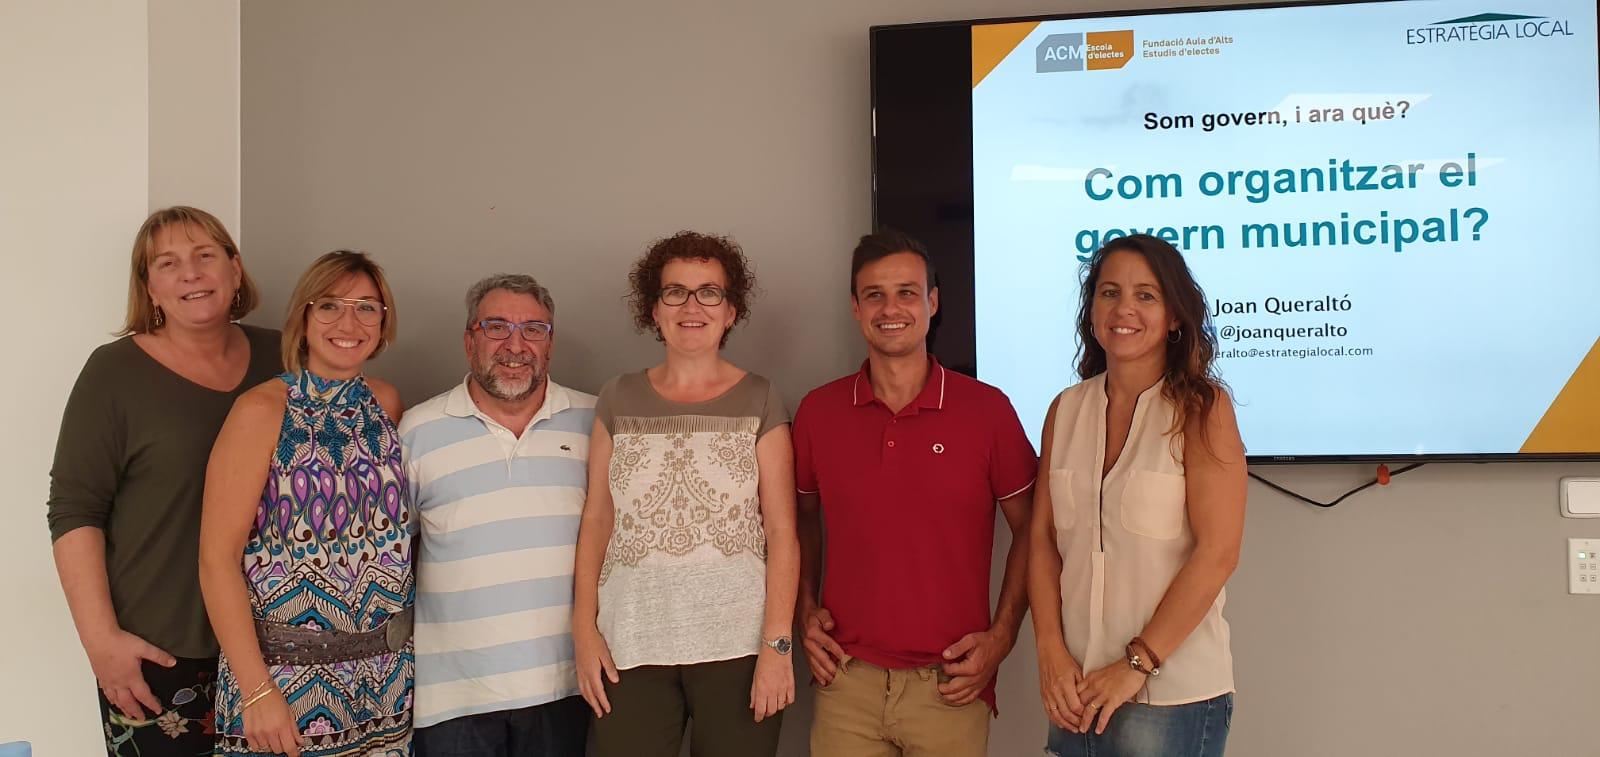 L'equip de govern ha assistit a la formació per a governs municipals organitzada per l'Associació Catalana de Municipis